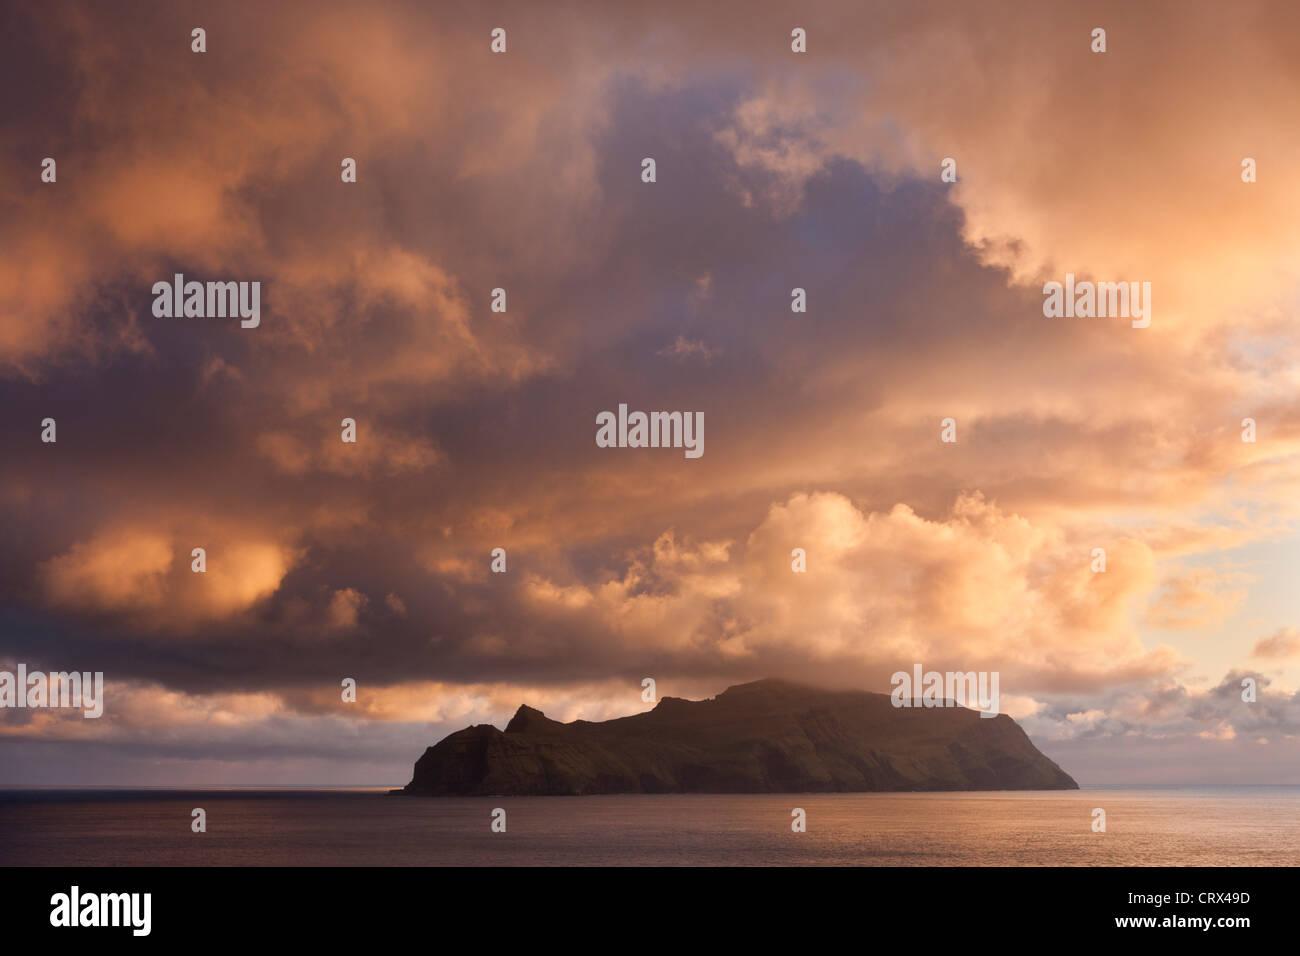 Espectacular Atardecer cielo sobre la isla de Mykines, Islas Feroe. La primavera (Mayo de 2012). Foto de stock